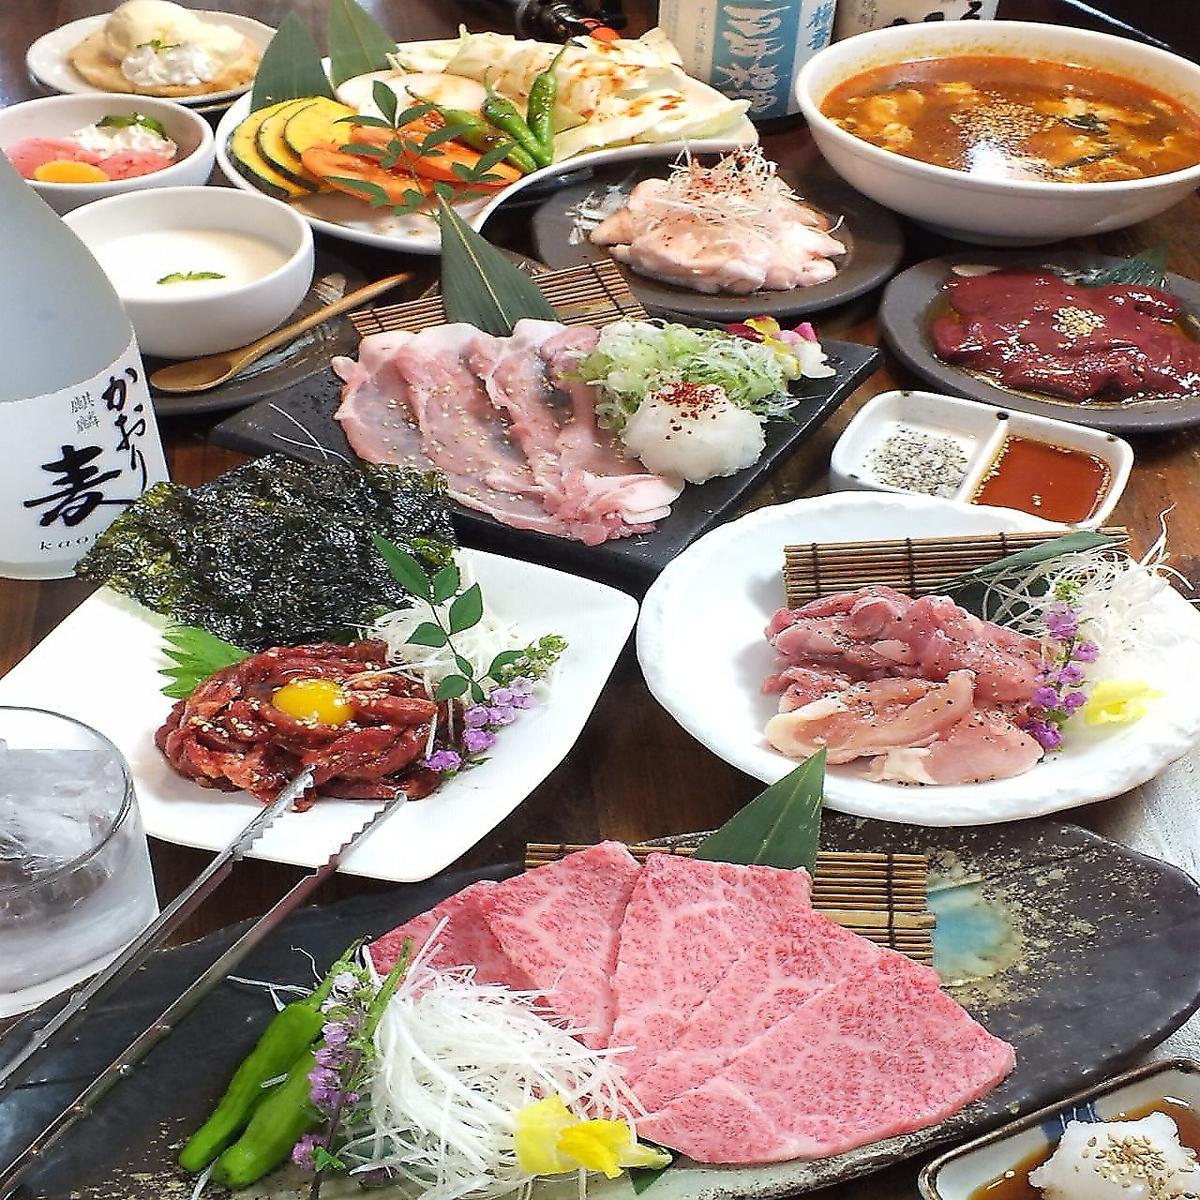 你最喜歡的肉也可以選擇當然!神戶6菜,花瓶卡爾維,在所有12個菜餚從受歡迎的菜單,如味噌Hol的!非常滿意!